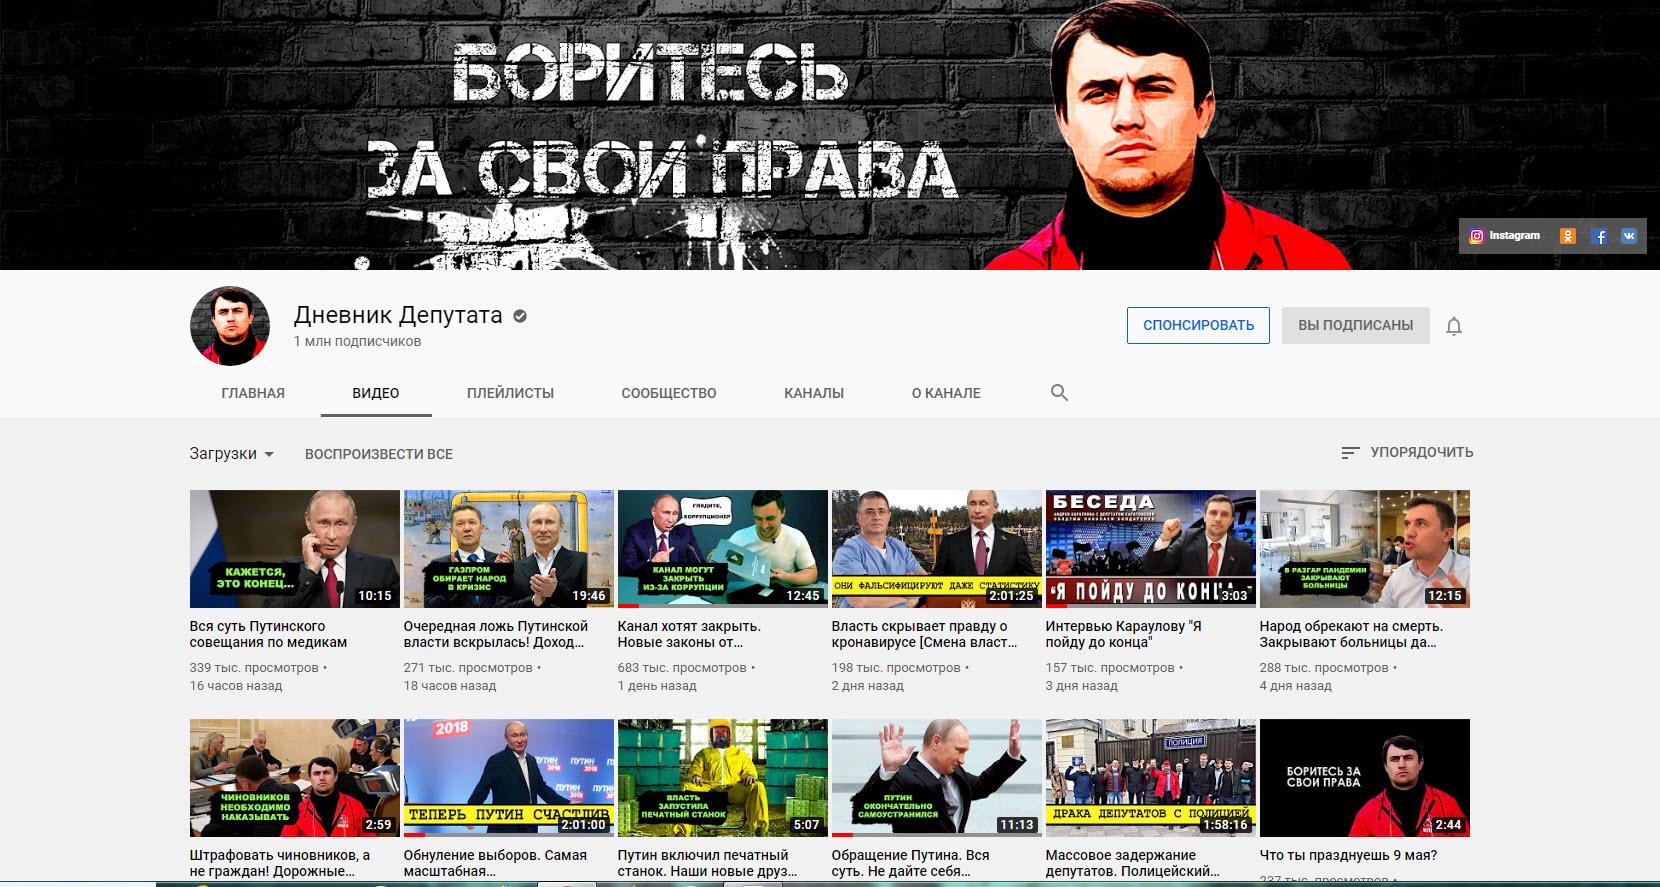 Саратовский обком КПРФ поздравил Николая Бондаренко с миллионным подписчиком на его YouTube-канале «Дневник депутата»